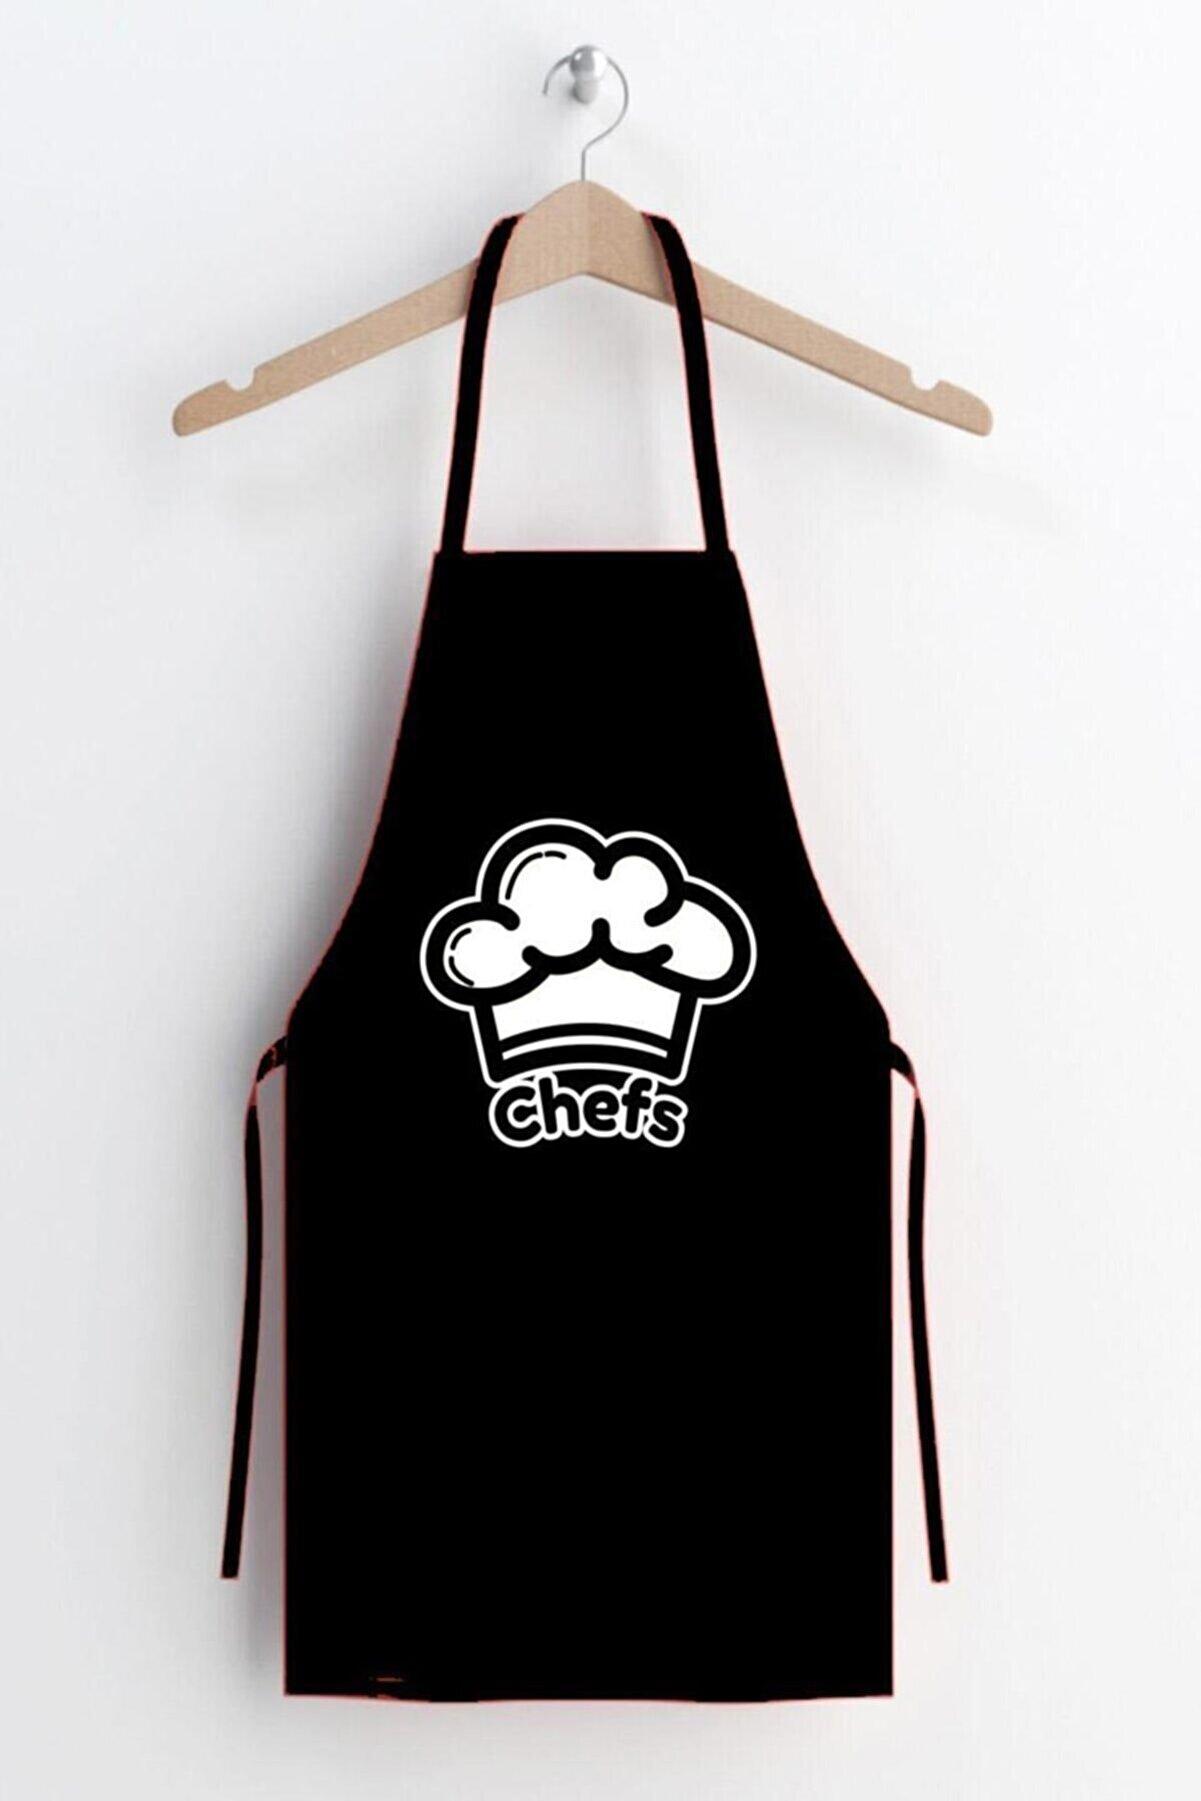 AYSHOME Chefs Desen Leke Tutmaz Mutfak Önlüğü